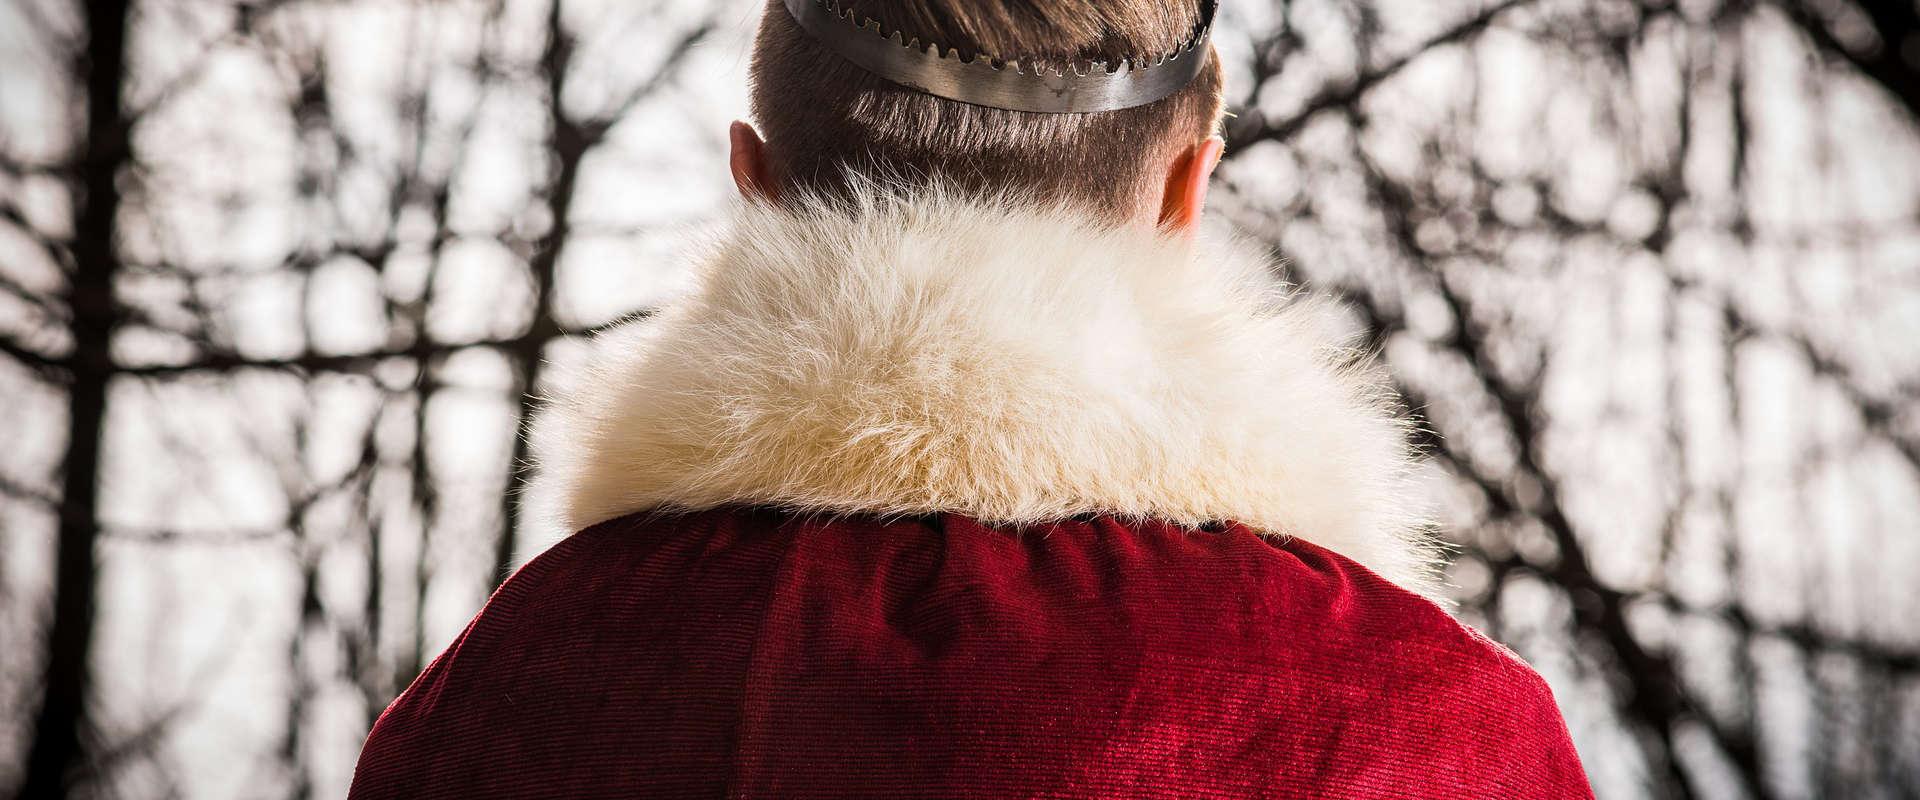 Fourrure et manteau de fourrure au Québec au meilleur prix